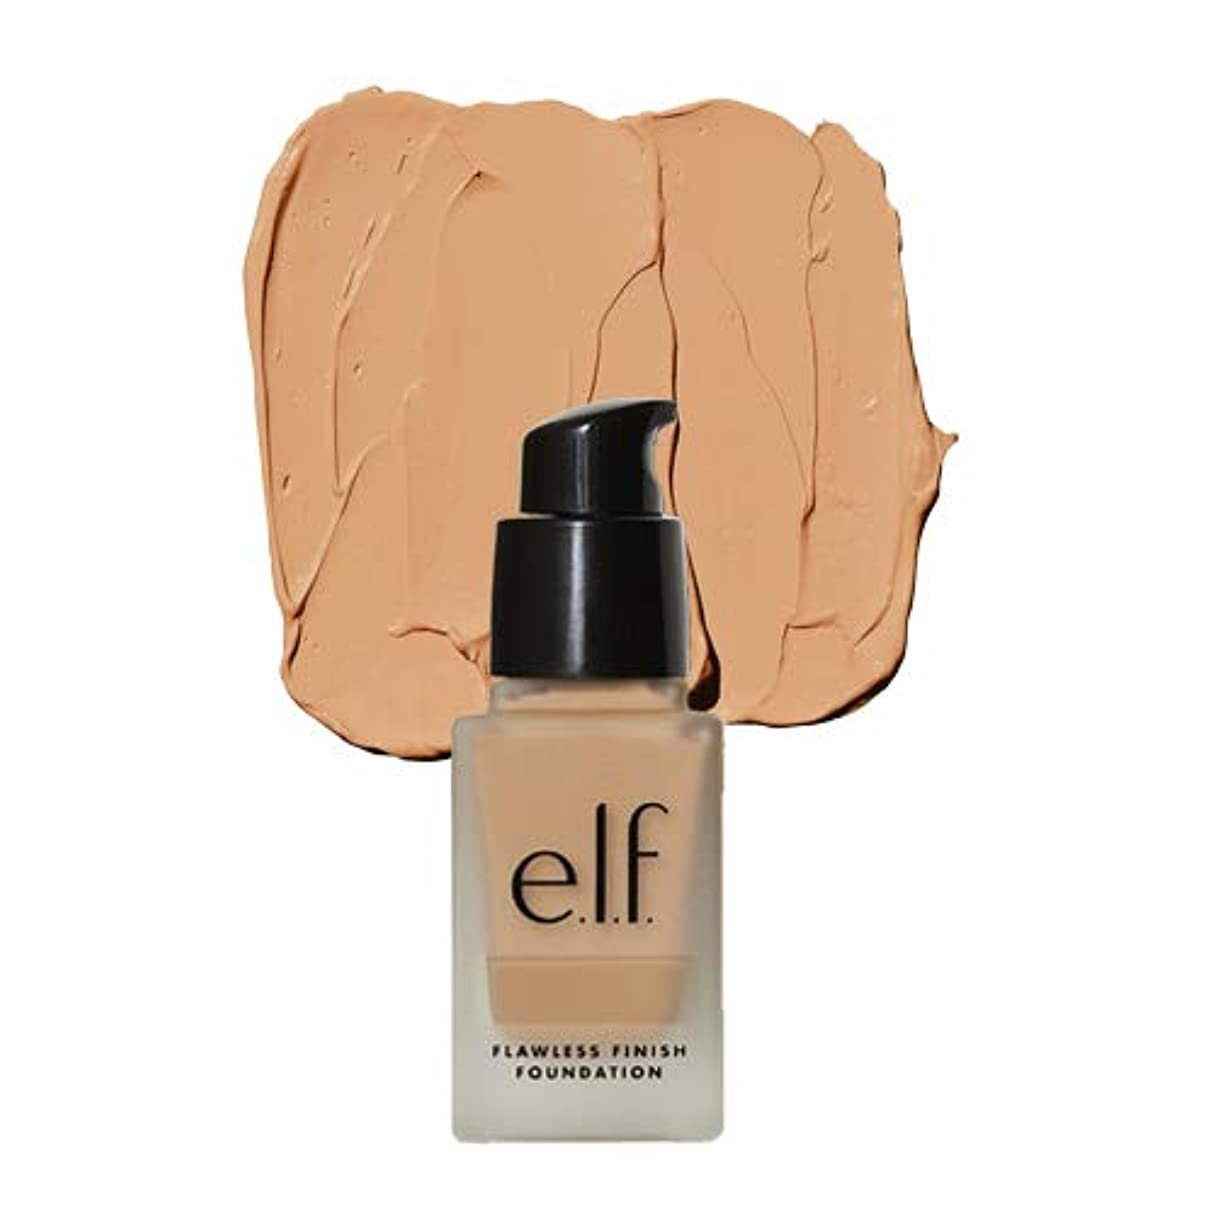 引く趣味浸漬(3 Pack) e.l.f. Oil Free Flawless Finish Foundation - Toffee (並行輸入品)